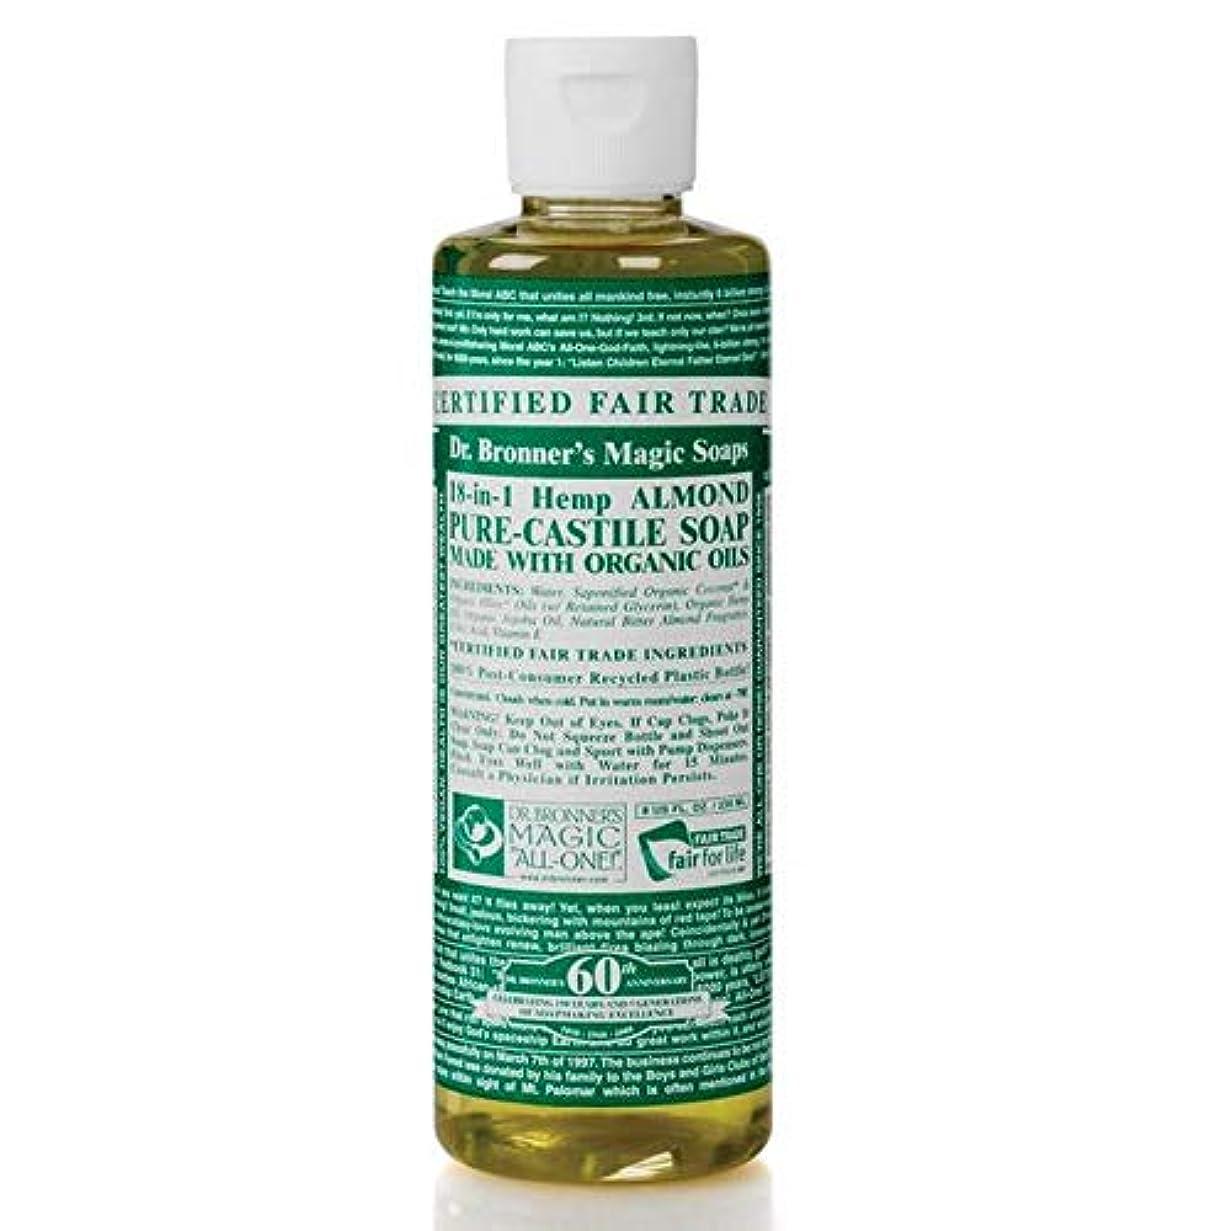 惨めな憂鬱なとても[Dr Bronner] Dr。ブロナーズ有機アーモンドカスティーリャ液体石鹸473ミリリットル - Dr. Bronner's Organic Almond Castile Liquid Soap 473ml [並行輸入品]